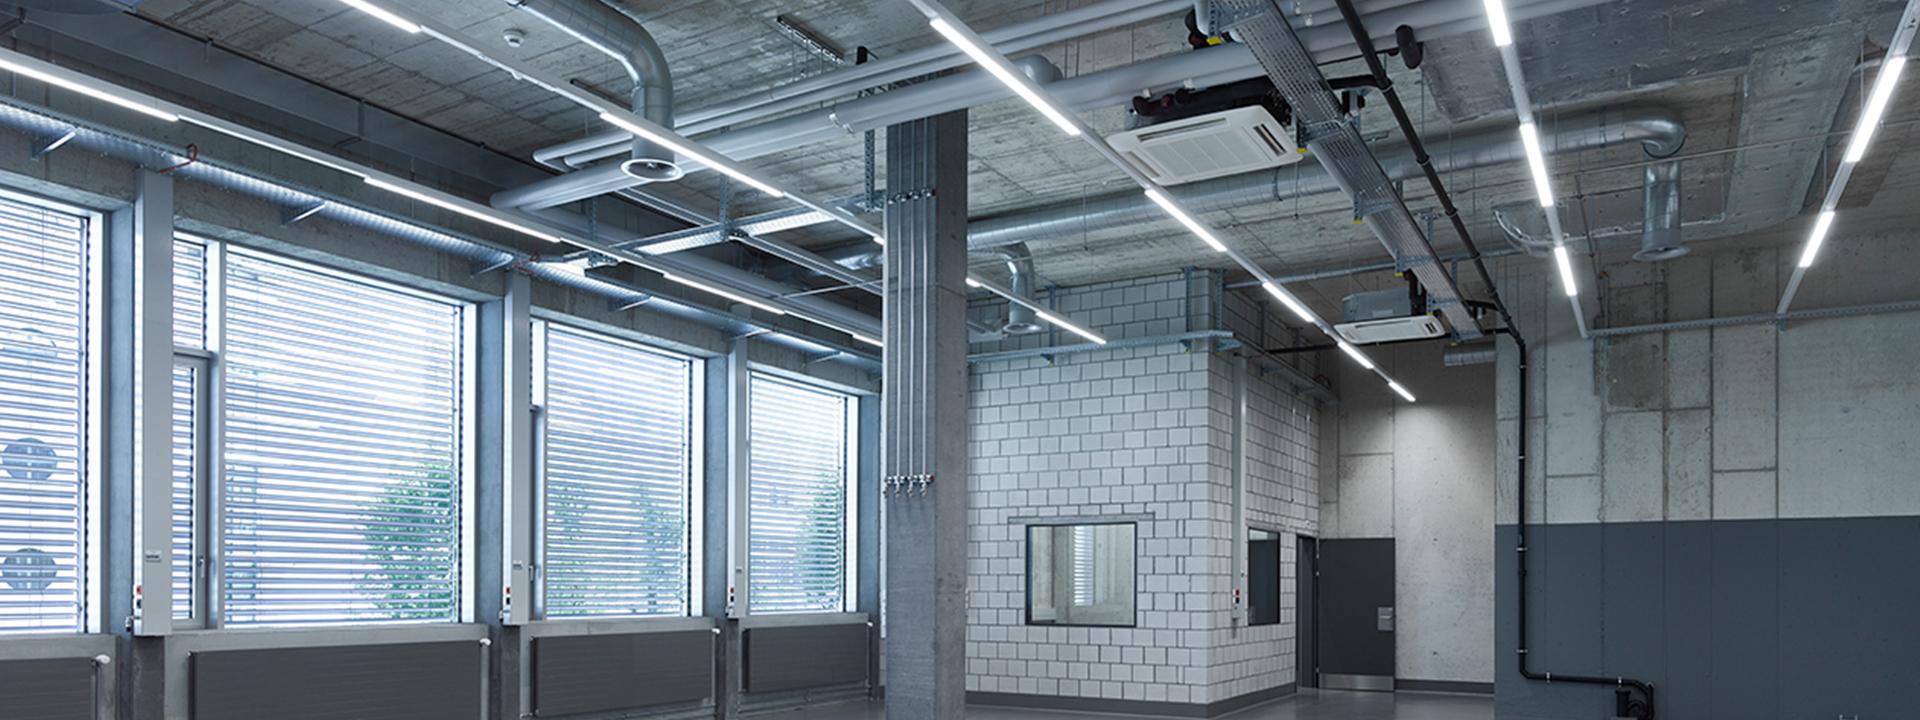 Innenansicht des Neubaus eines Hauptsitzes für die Anklin AG, geplant durch IE Technology